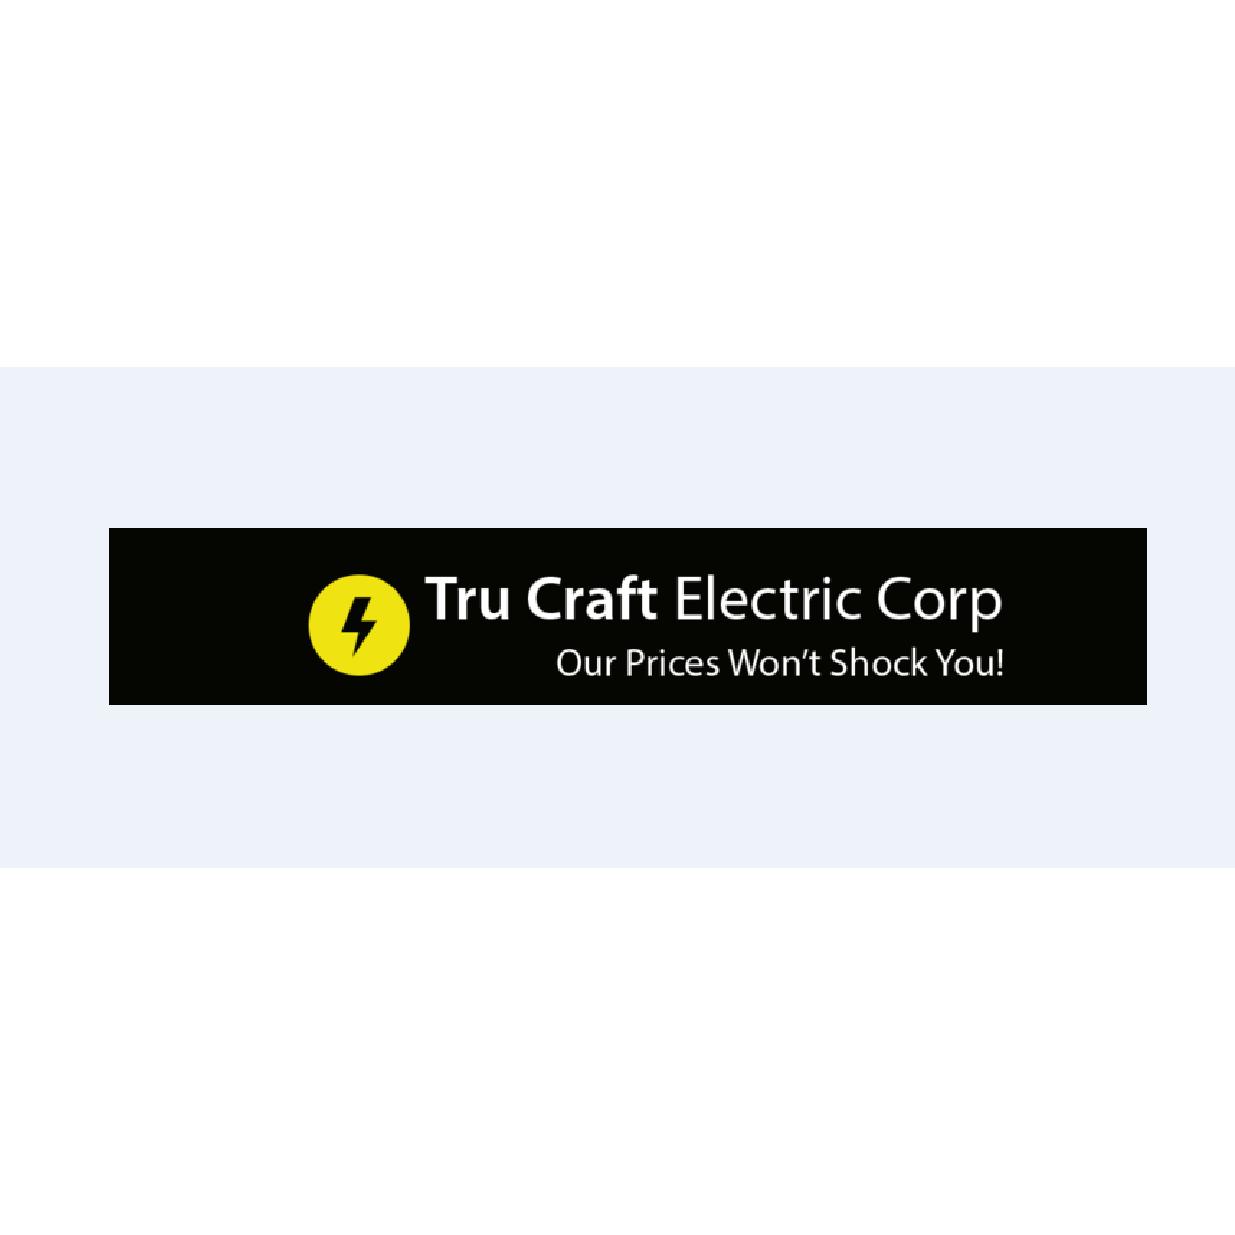 Tru Craft Electric Corporation